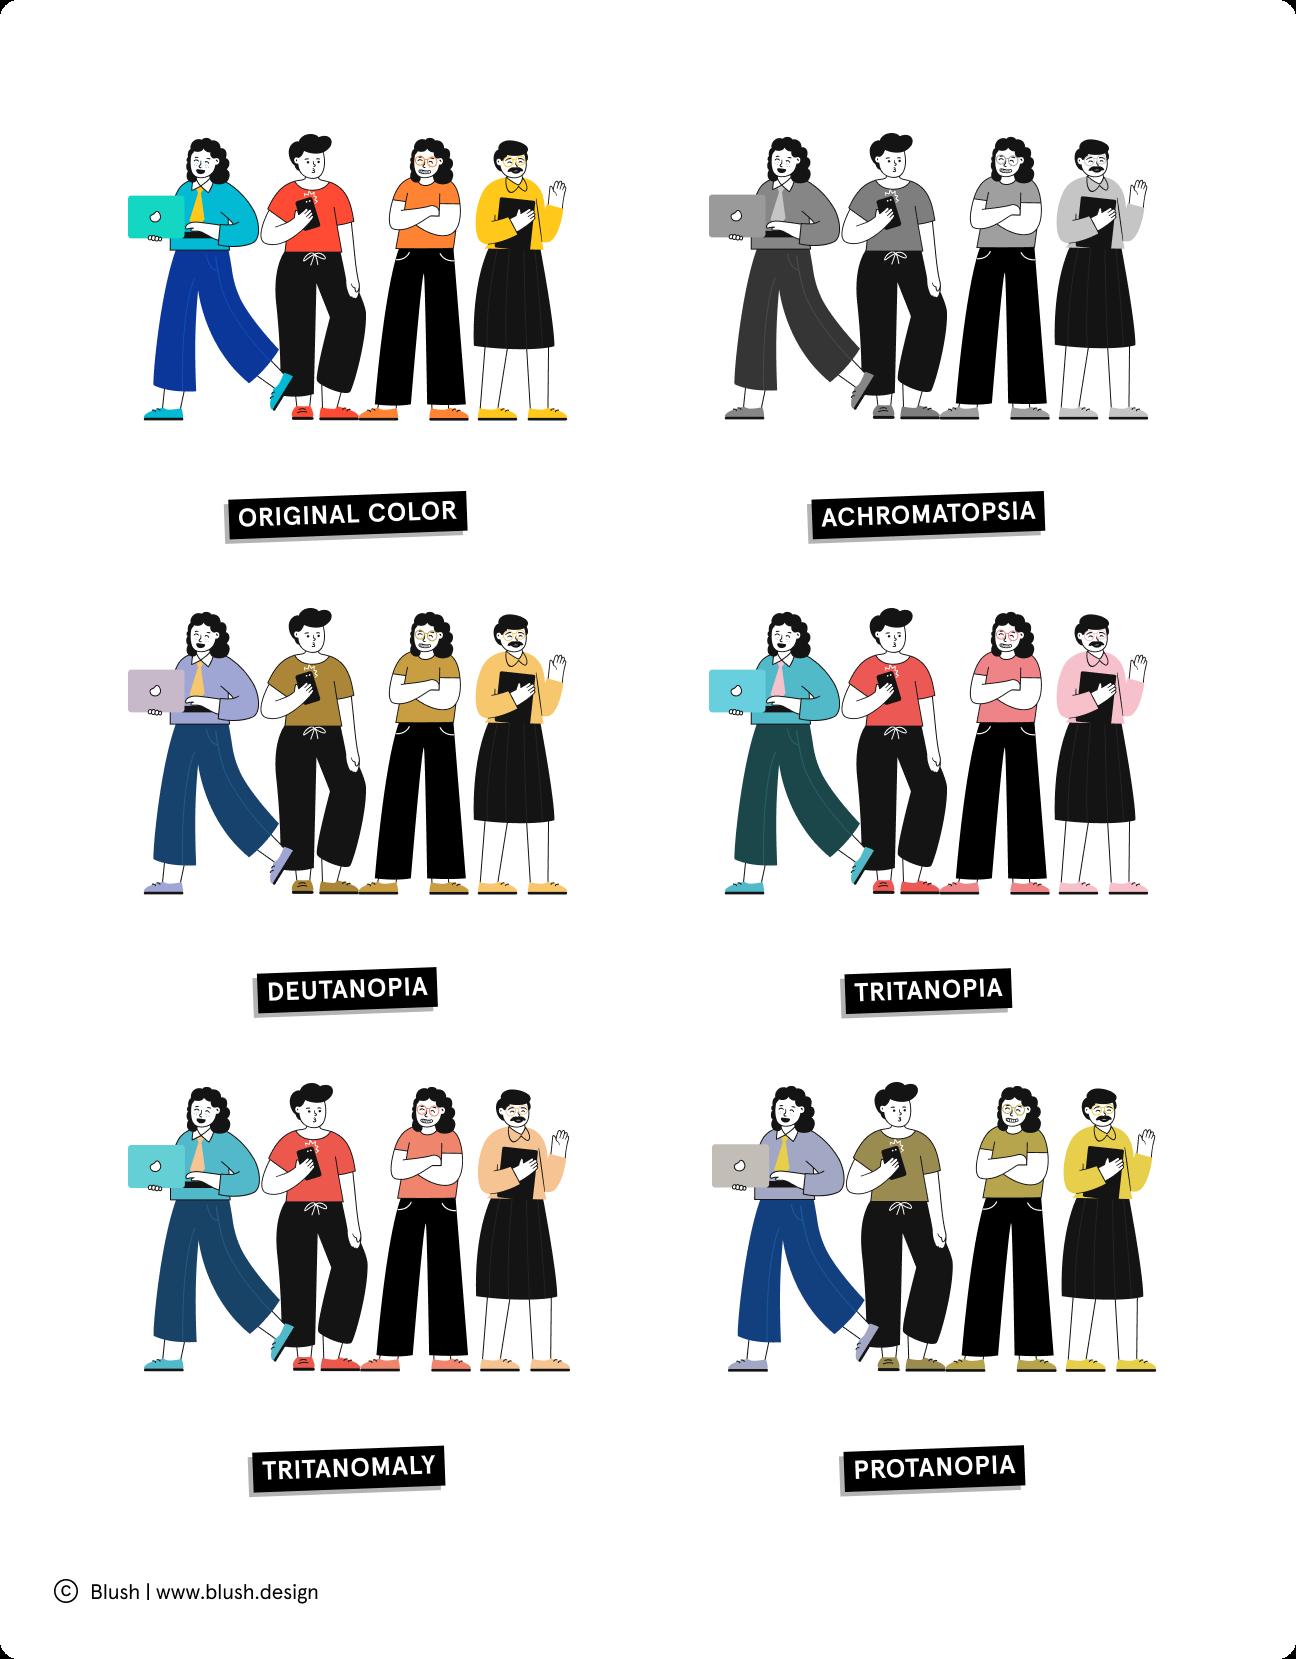 Doodle characters representing different examples of colorblindness: Original color, protanopia, deutanopia, tritanomaly, trtanopia, achromatopsia